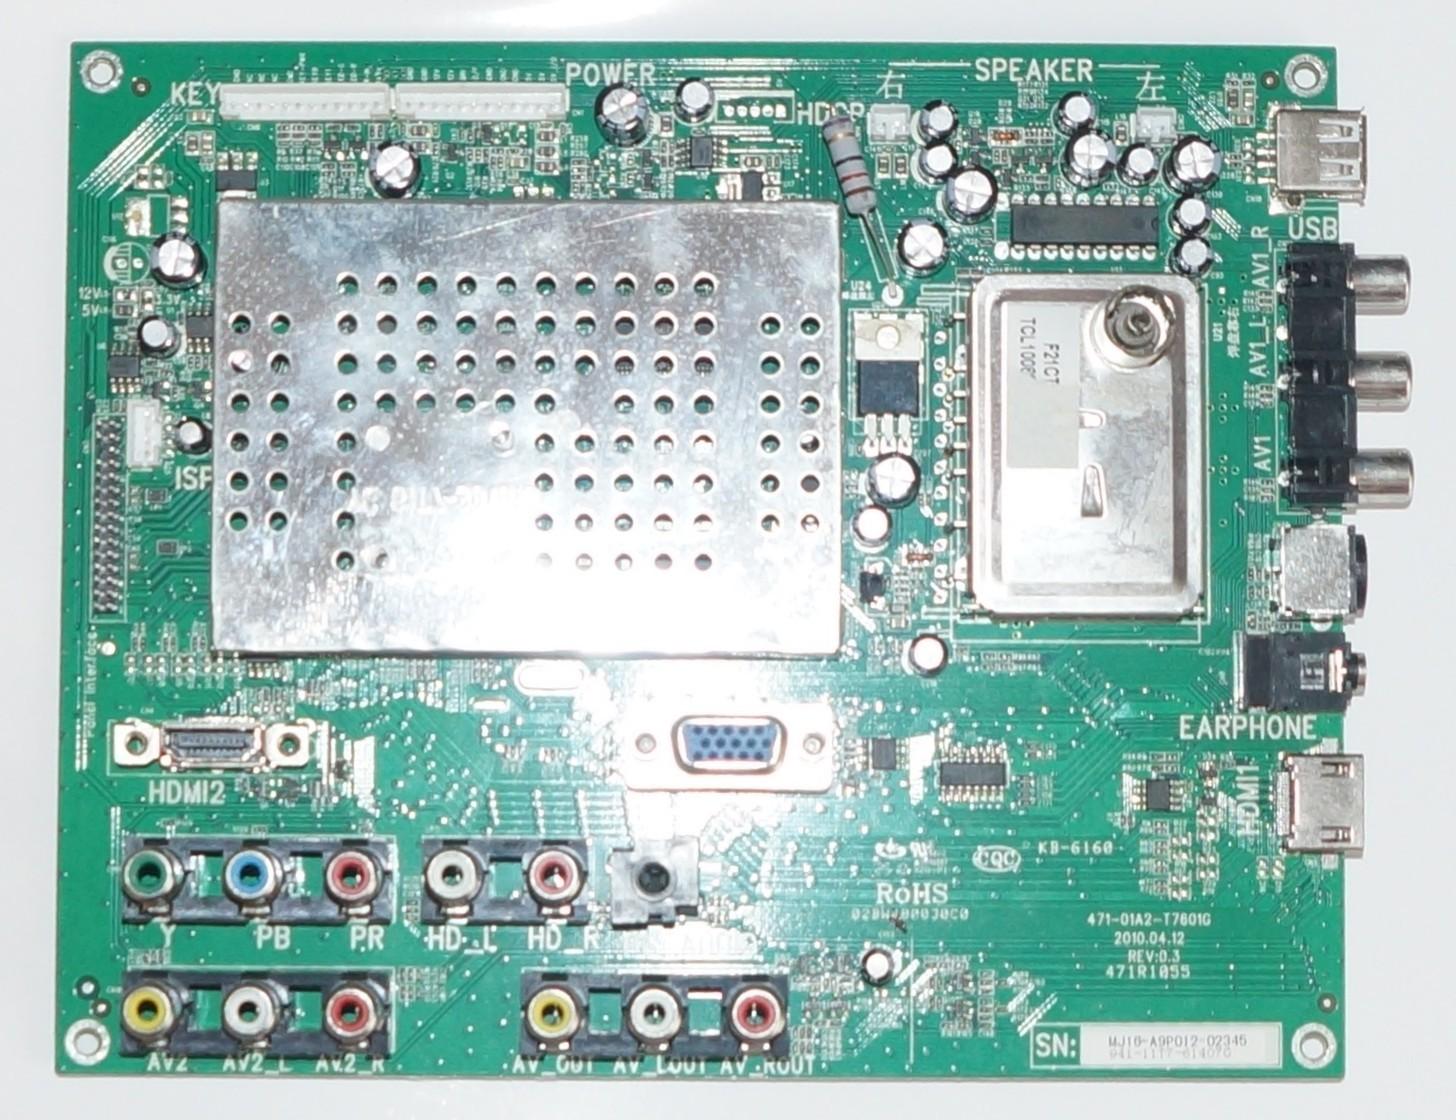 471-01A2-T7601G rev:0.3 471r1055